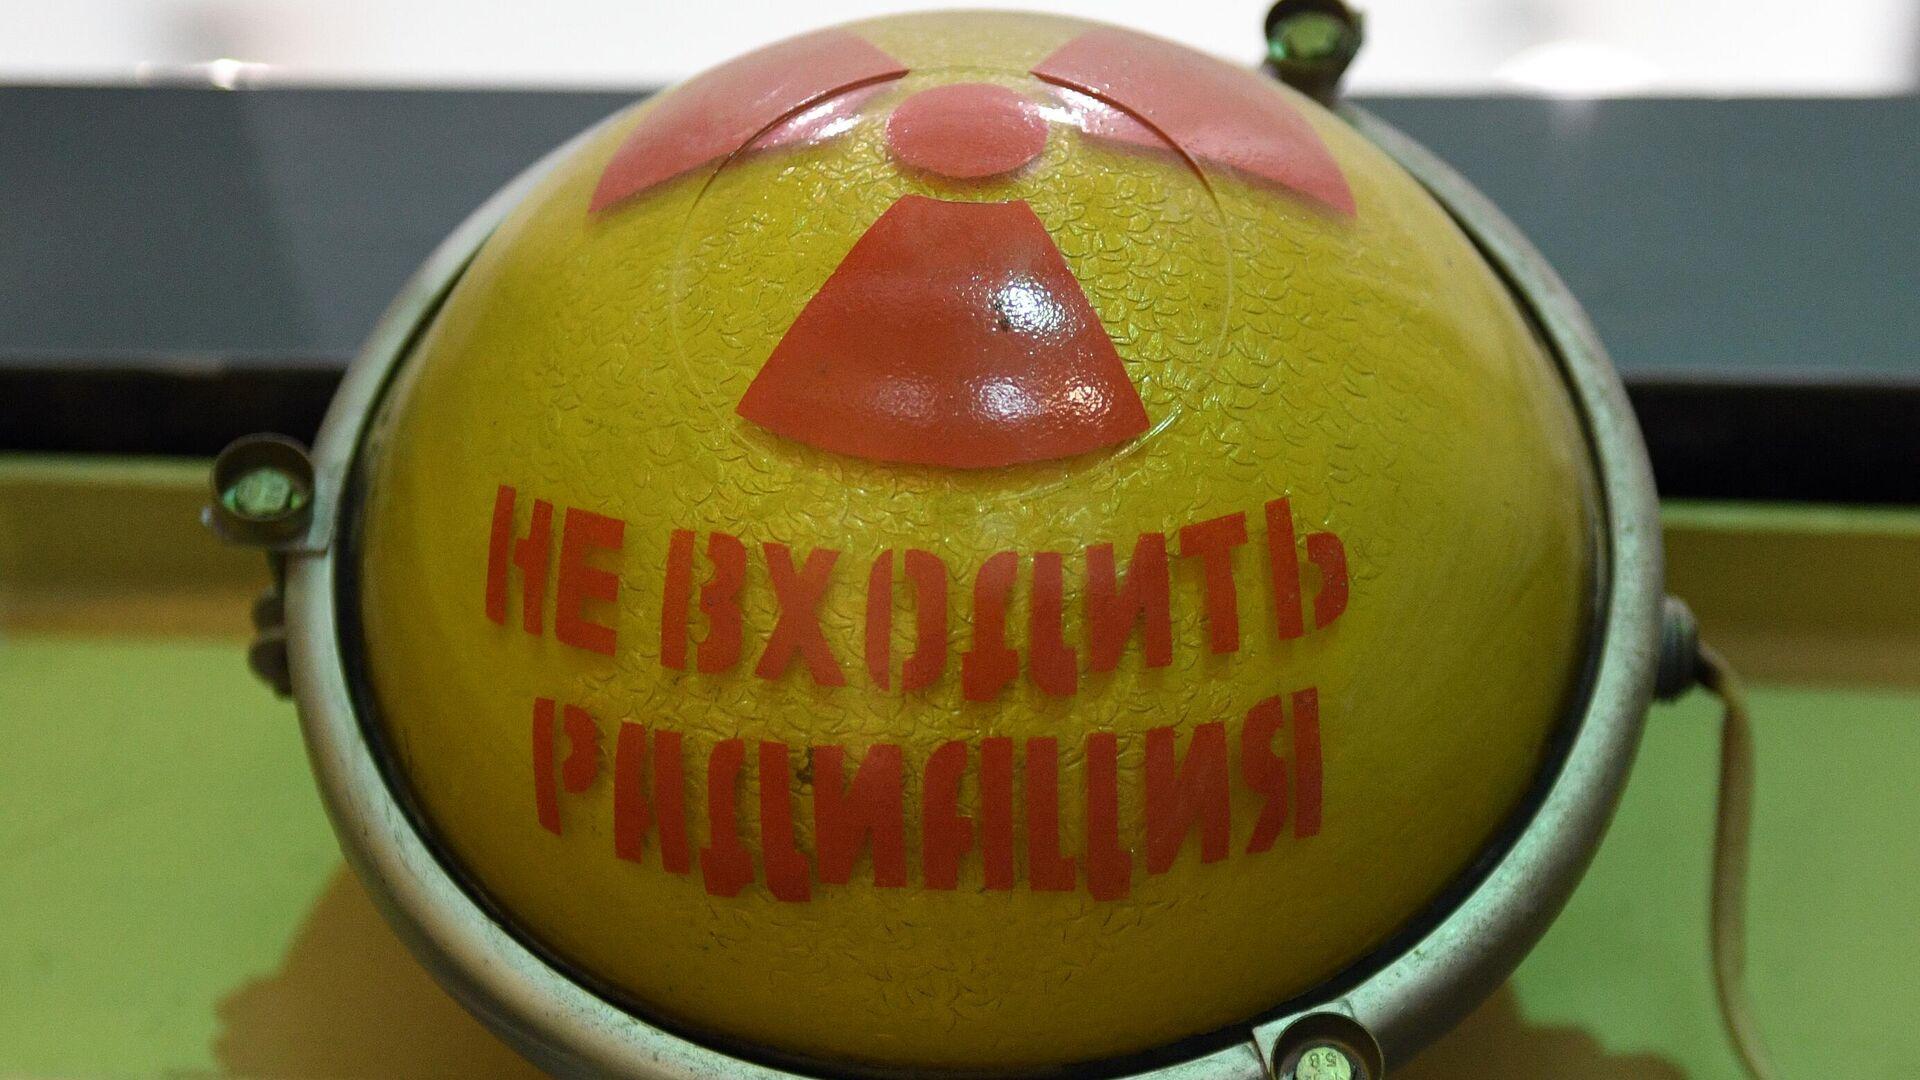 Предупреждающее табло в Институте ядерной физики имени Г. И. Будкера в Новосибирске - РИА Новости, 1920, 25.05.2021